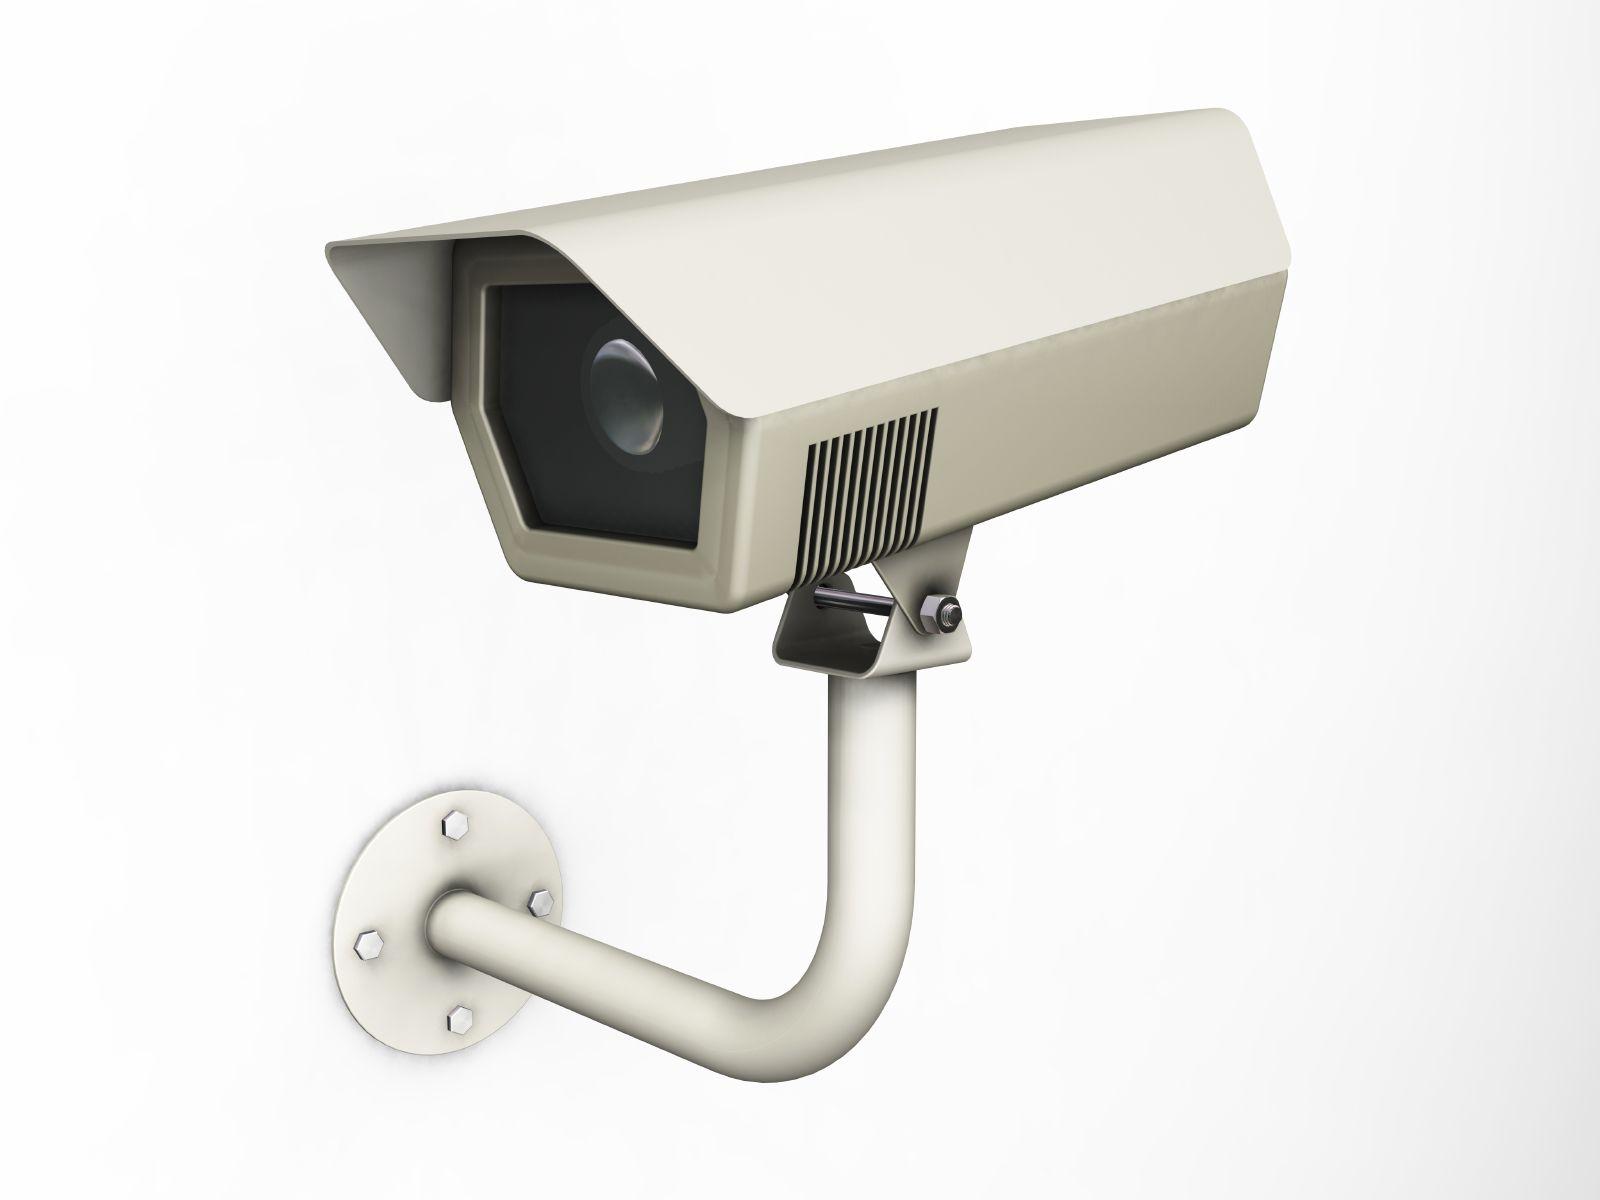 Good Surveillance Cameras Online Wireless Home Security Systems Security Camera Home Security Systems